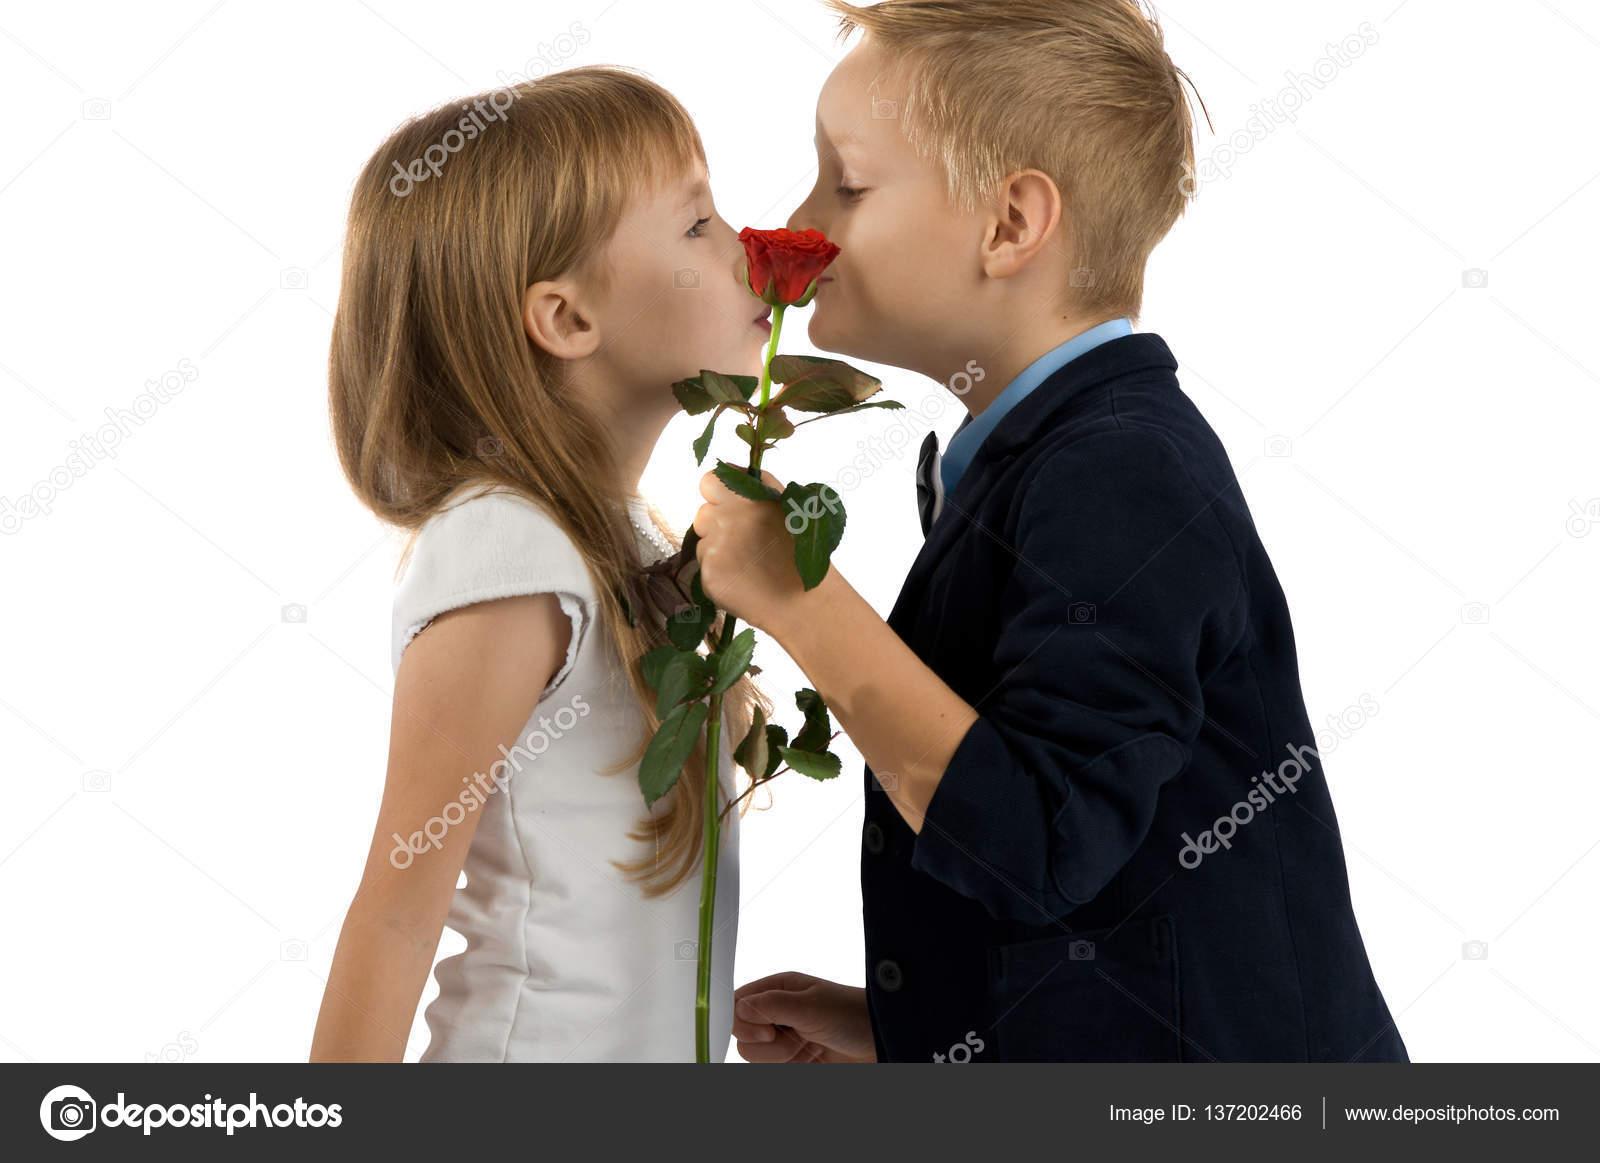 Картинки где девушка с девушкой целуются в